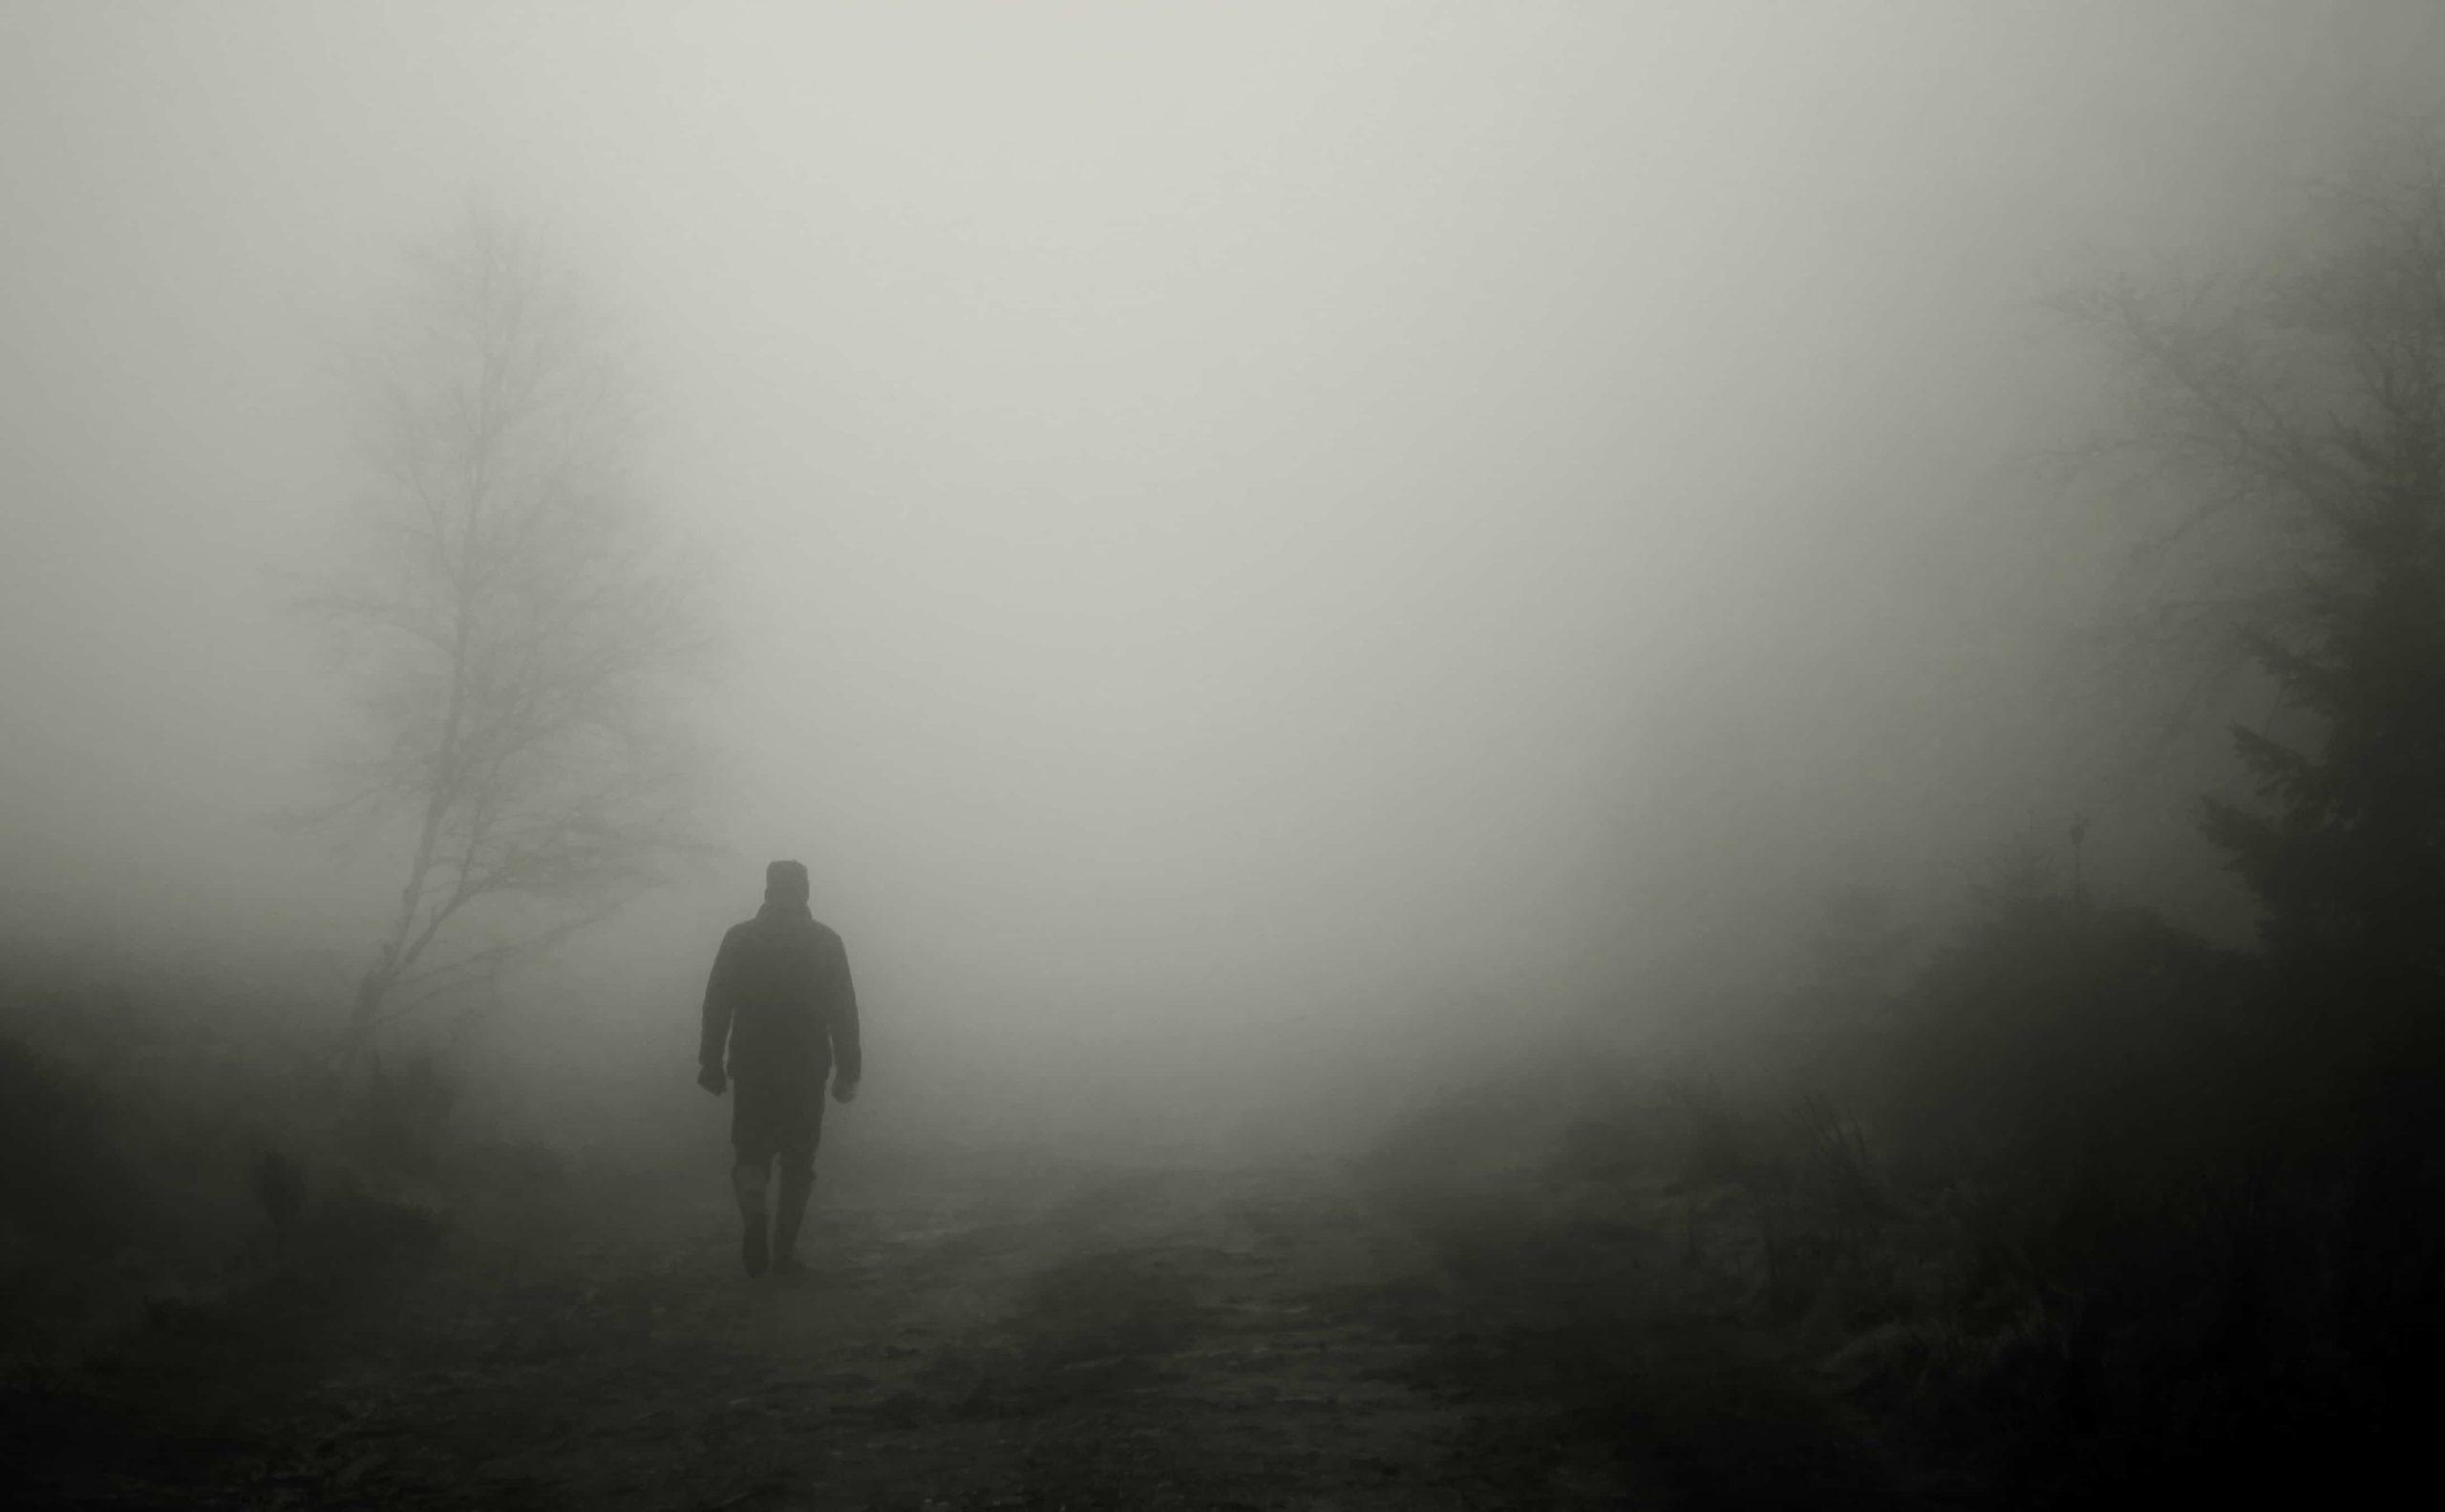 深い霧のなかの男性